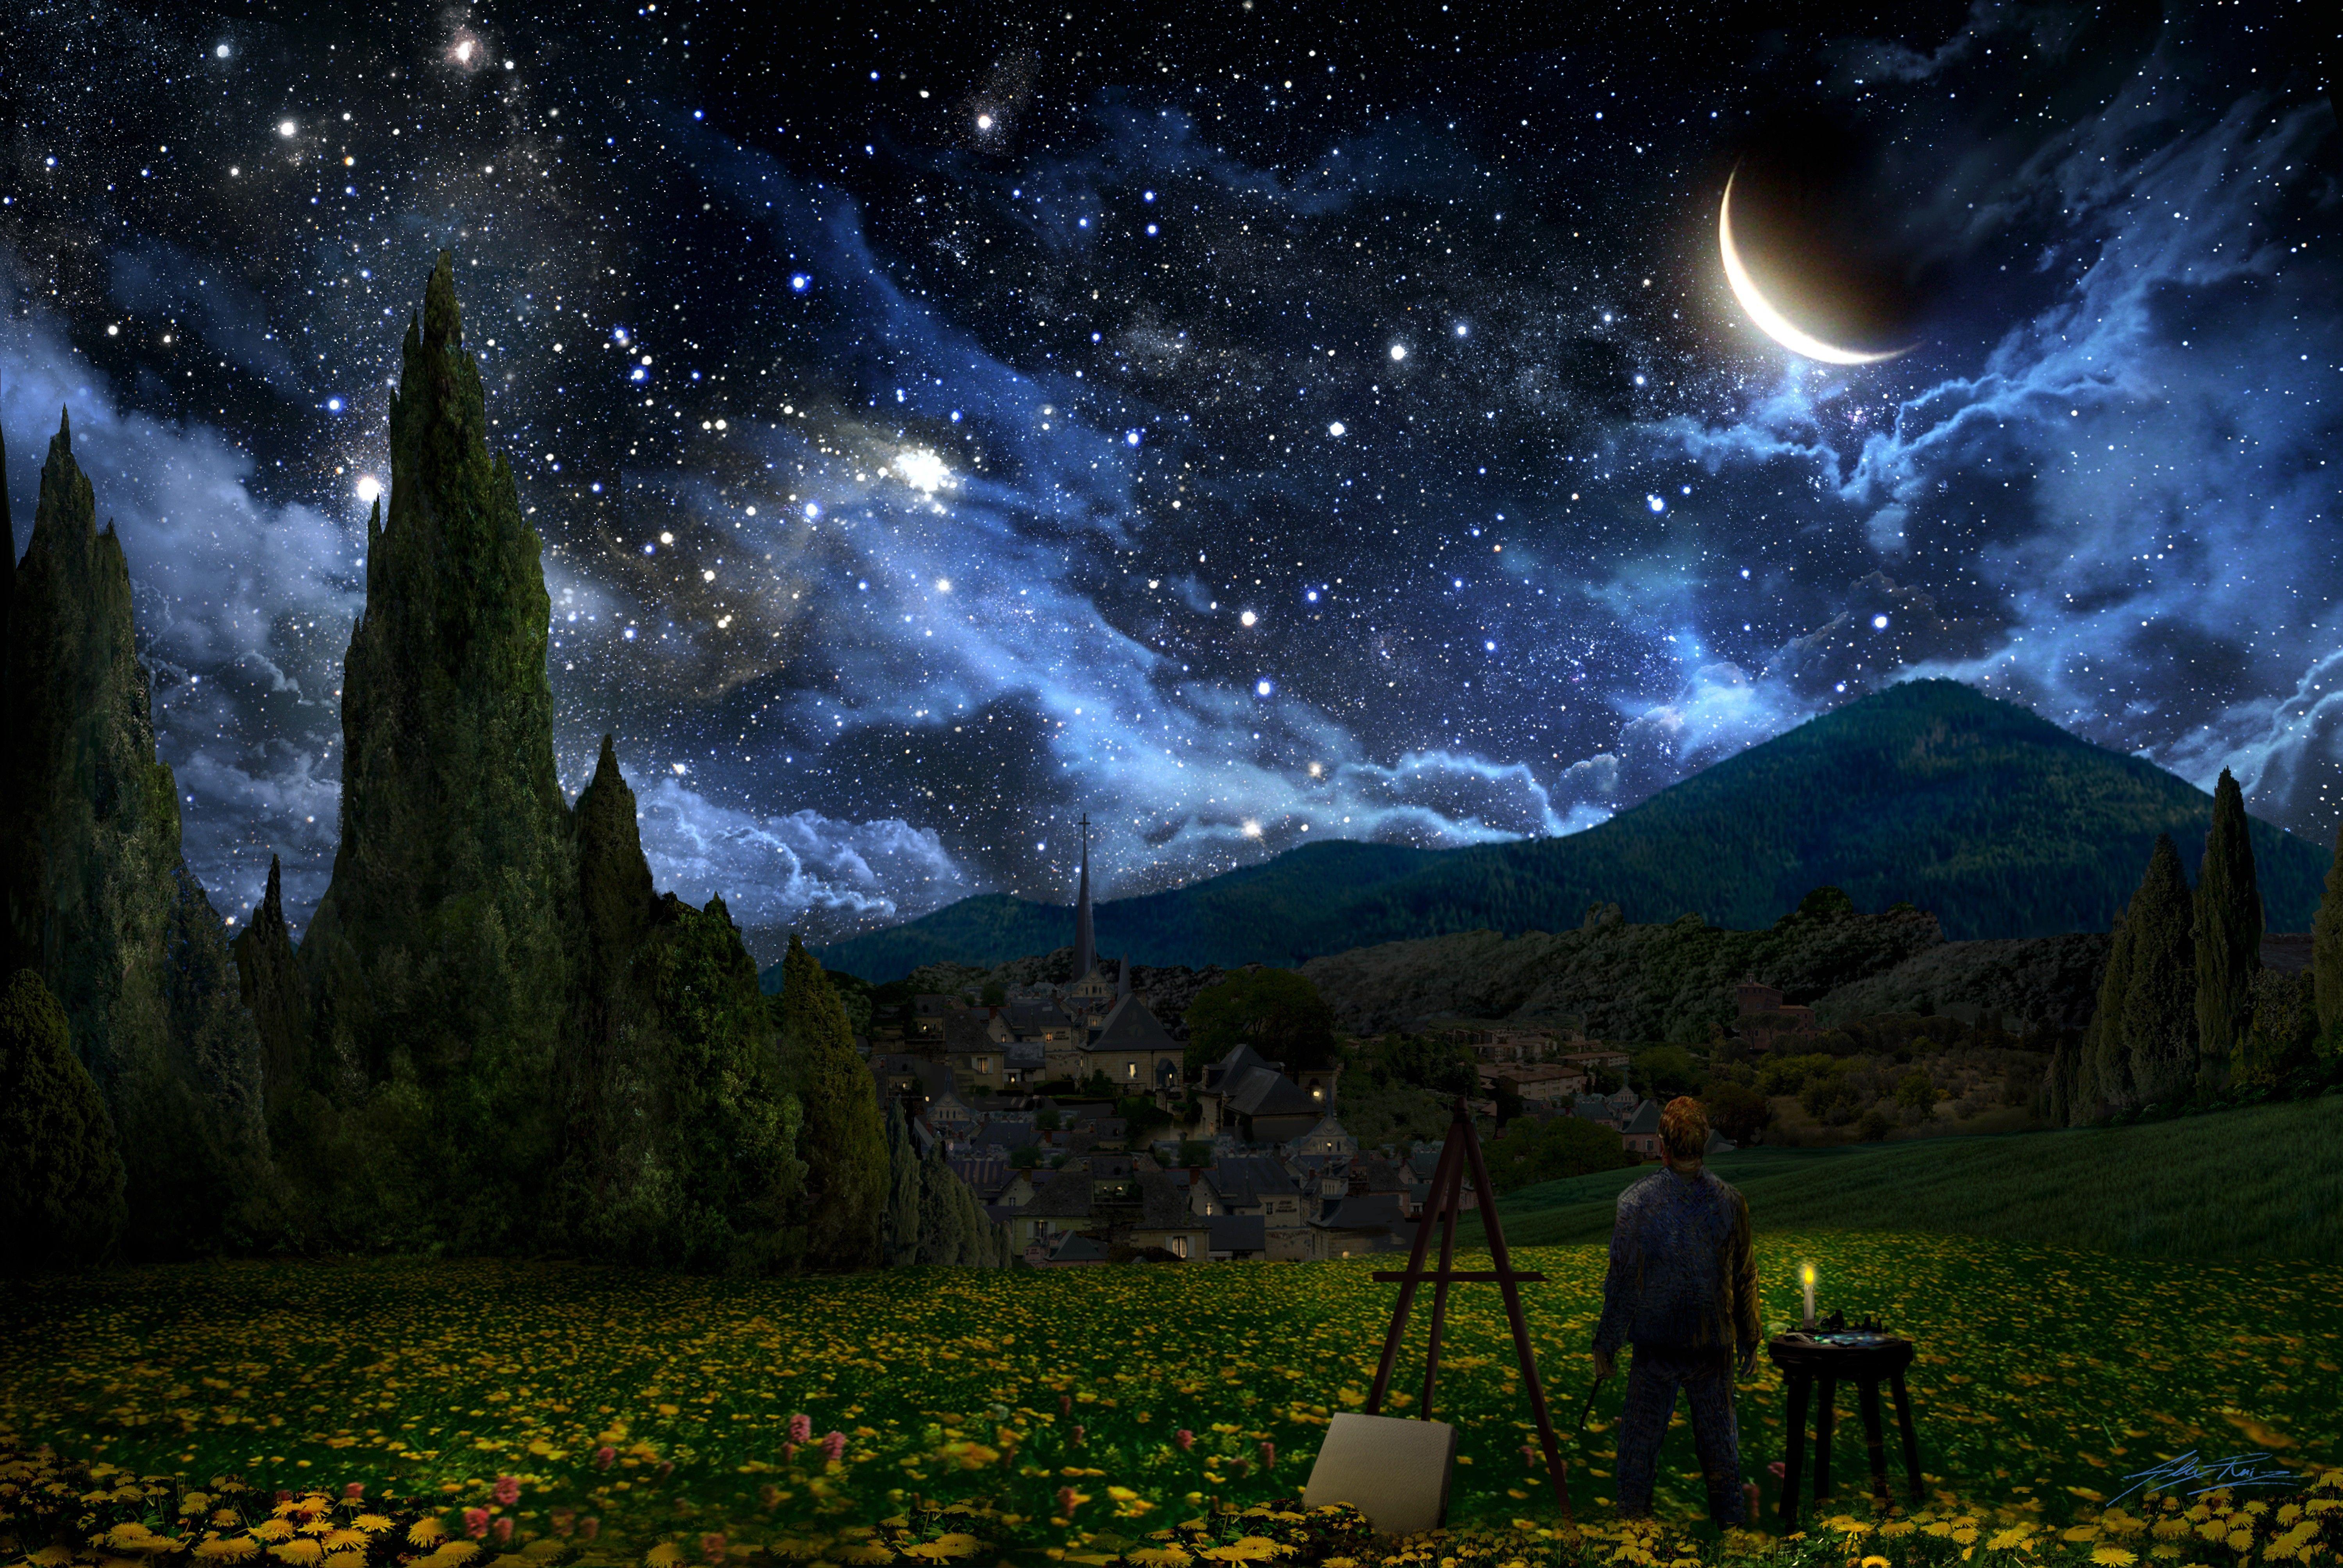 Vincent Van Gogh The Starry Night Desktop Wallpapers Top Free